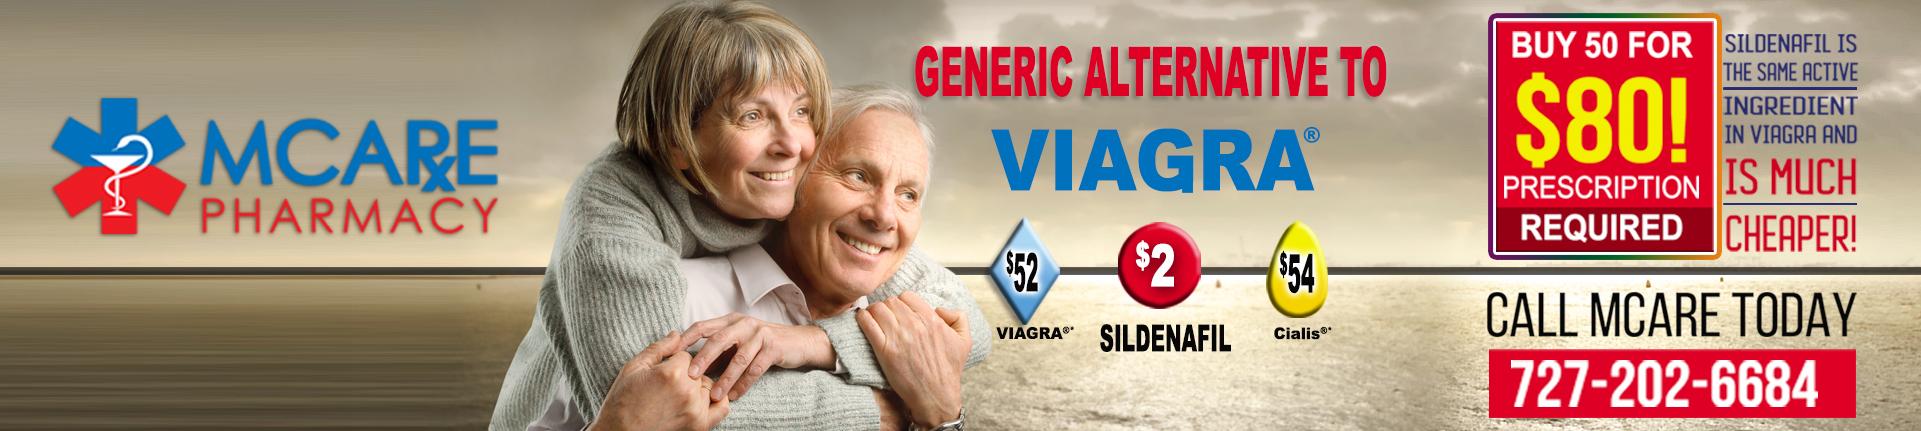 GENERIC ALTERNATIVE TO VIAGRA WEBSITE BANNER FINAL